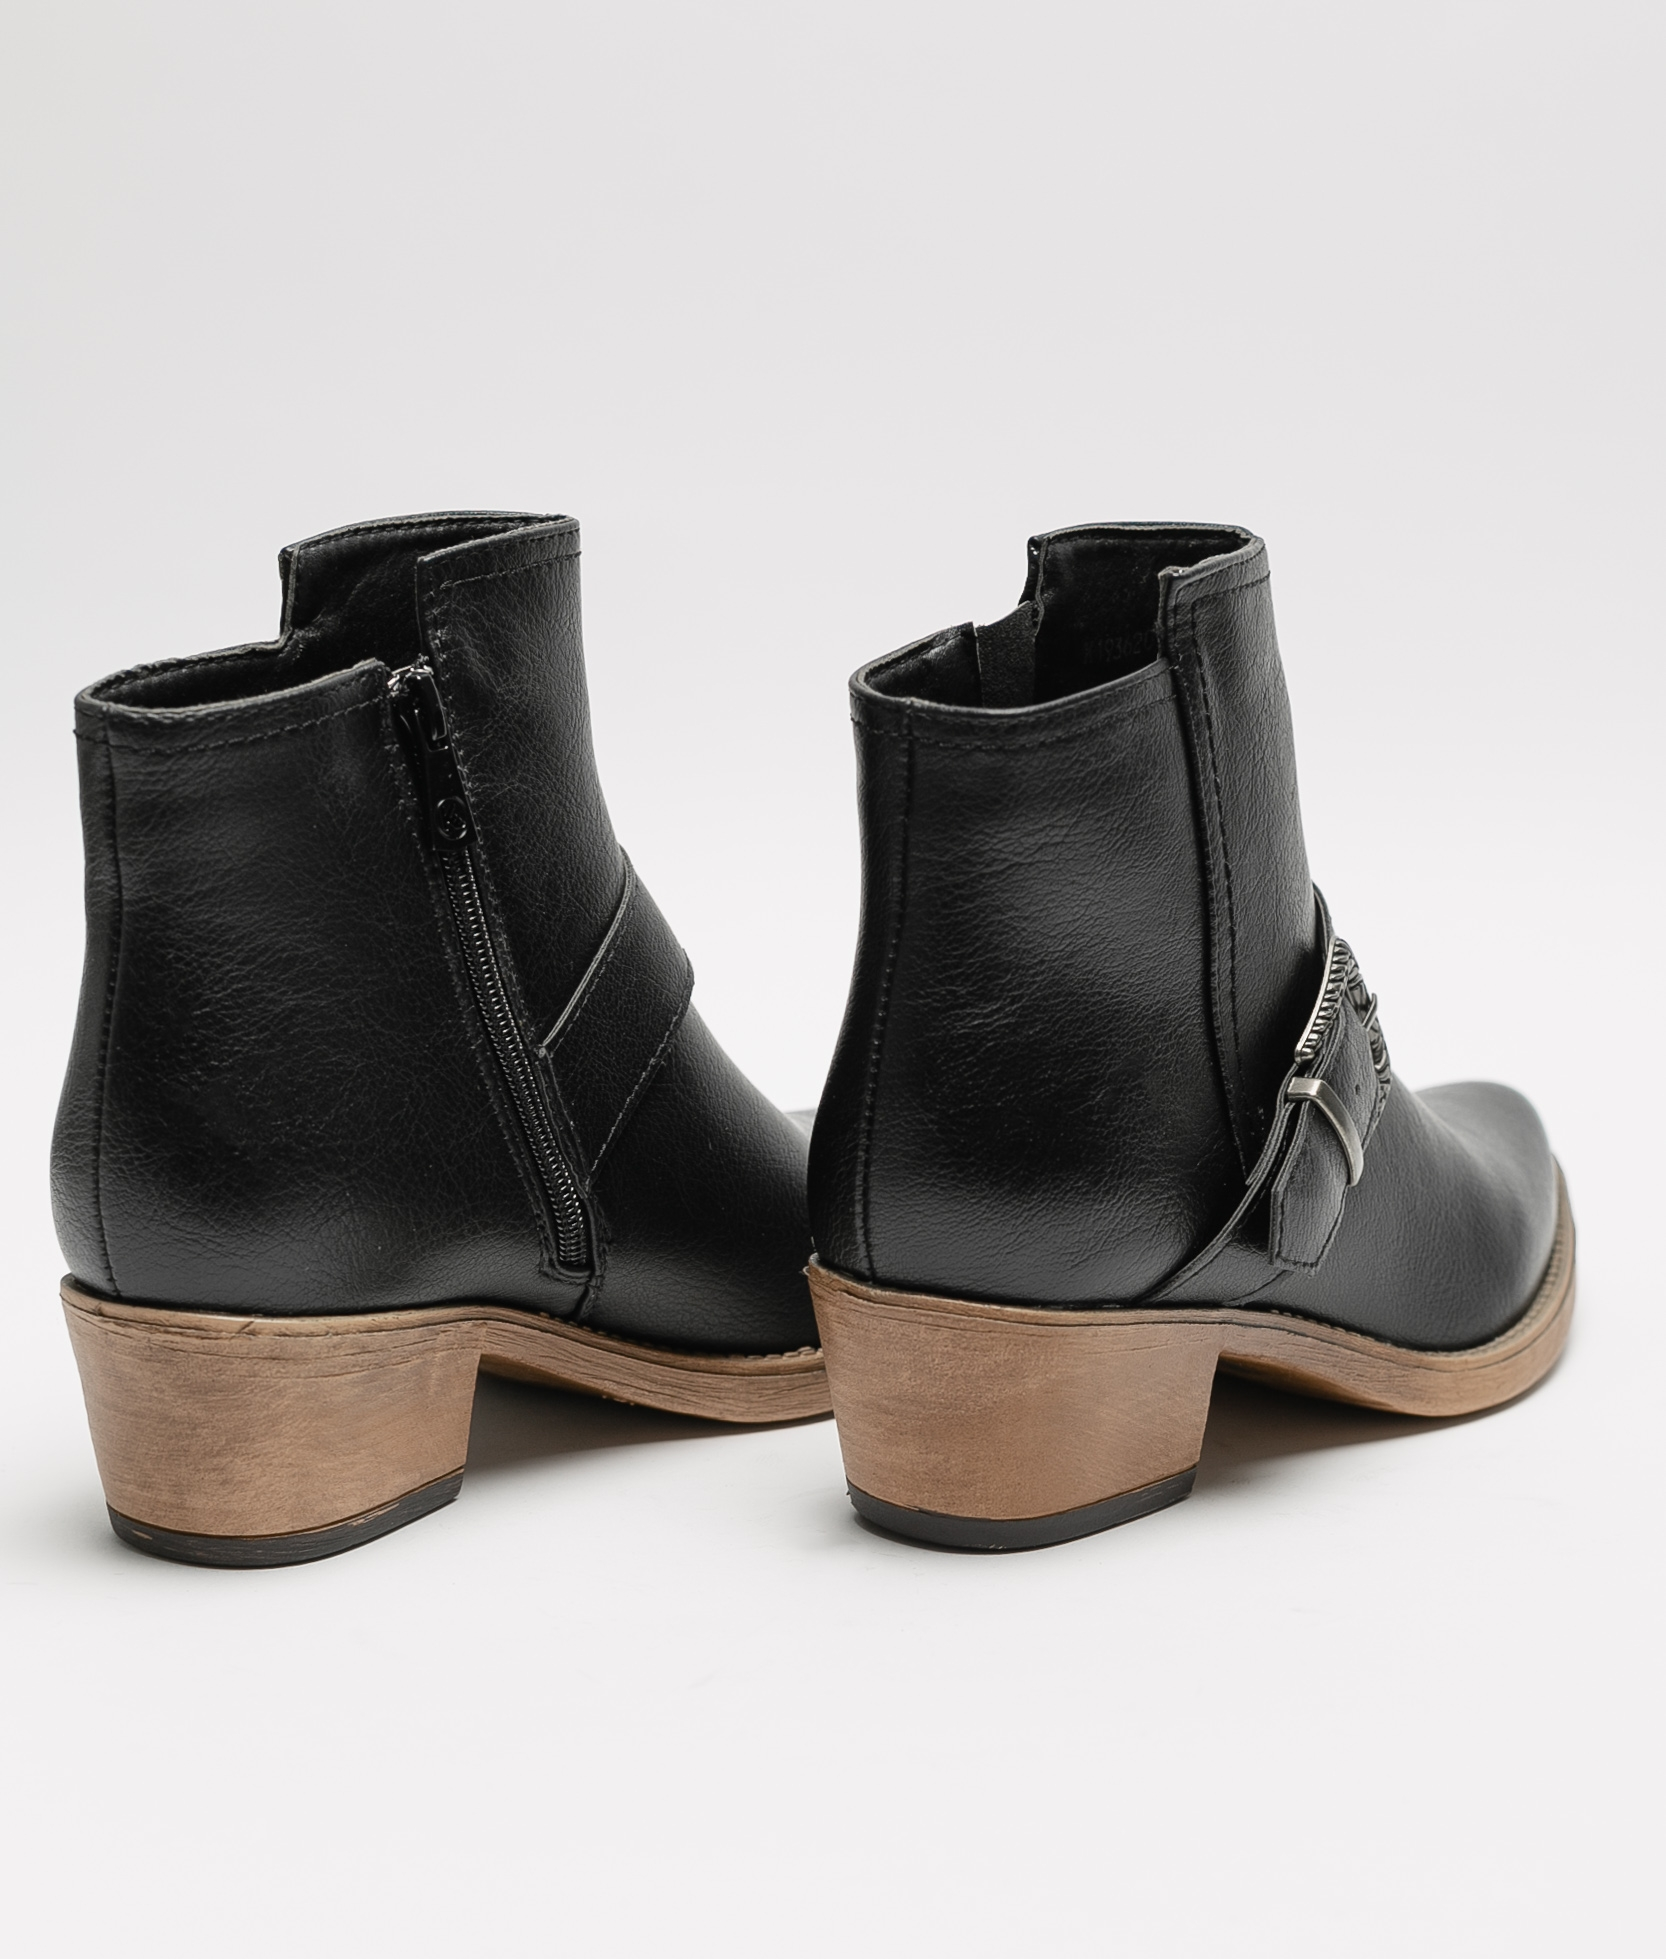 Low Boot Tatu - Black